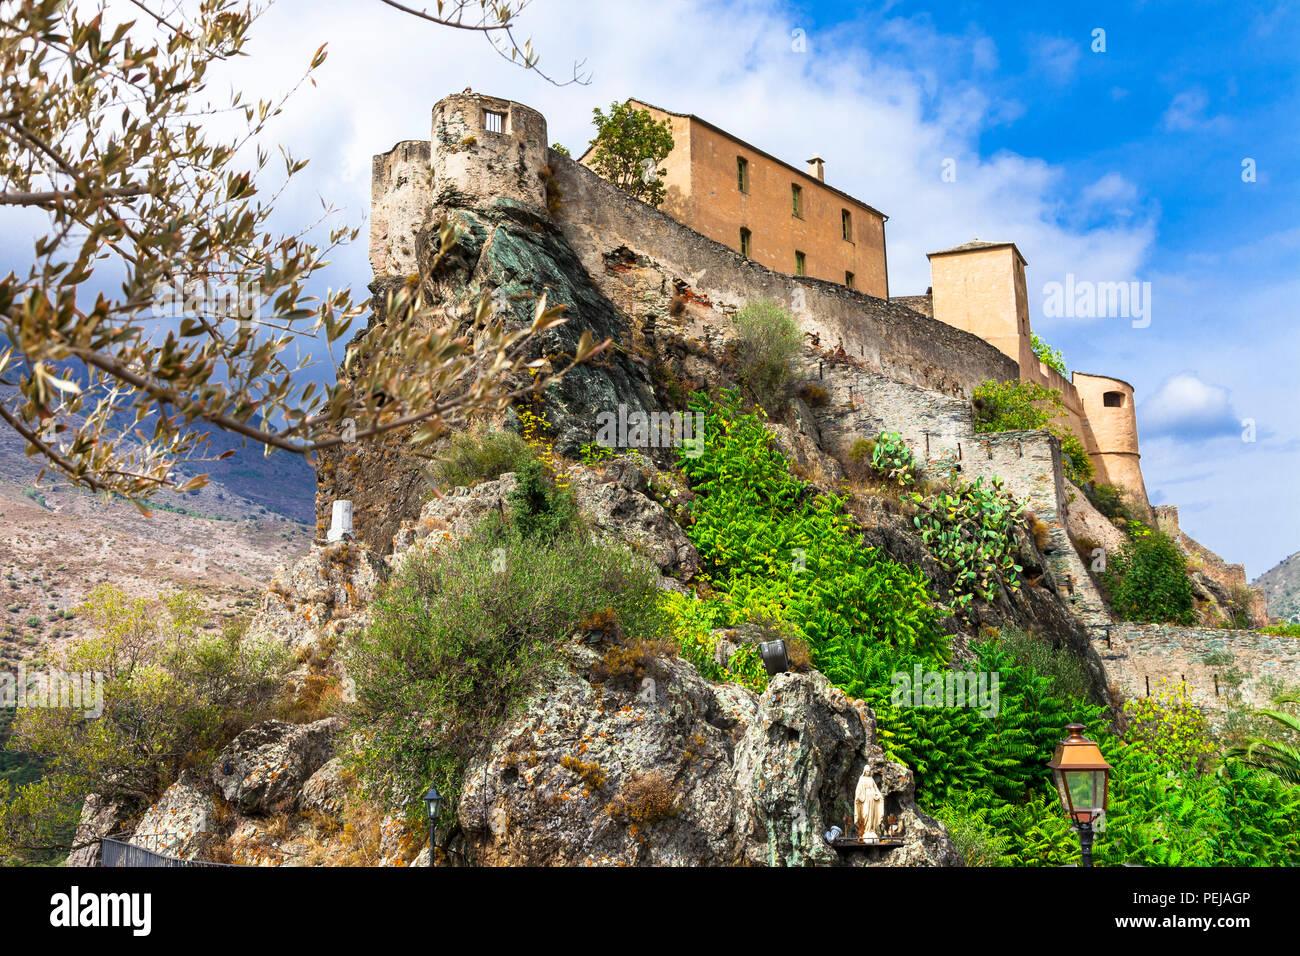 Beeindruckende Festung in Corte, Korsika, Frankreich. Stockbild